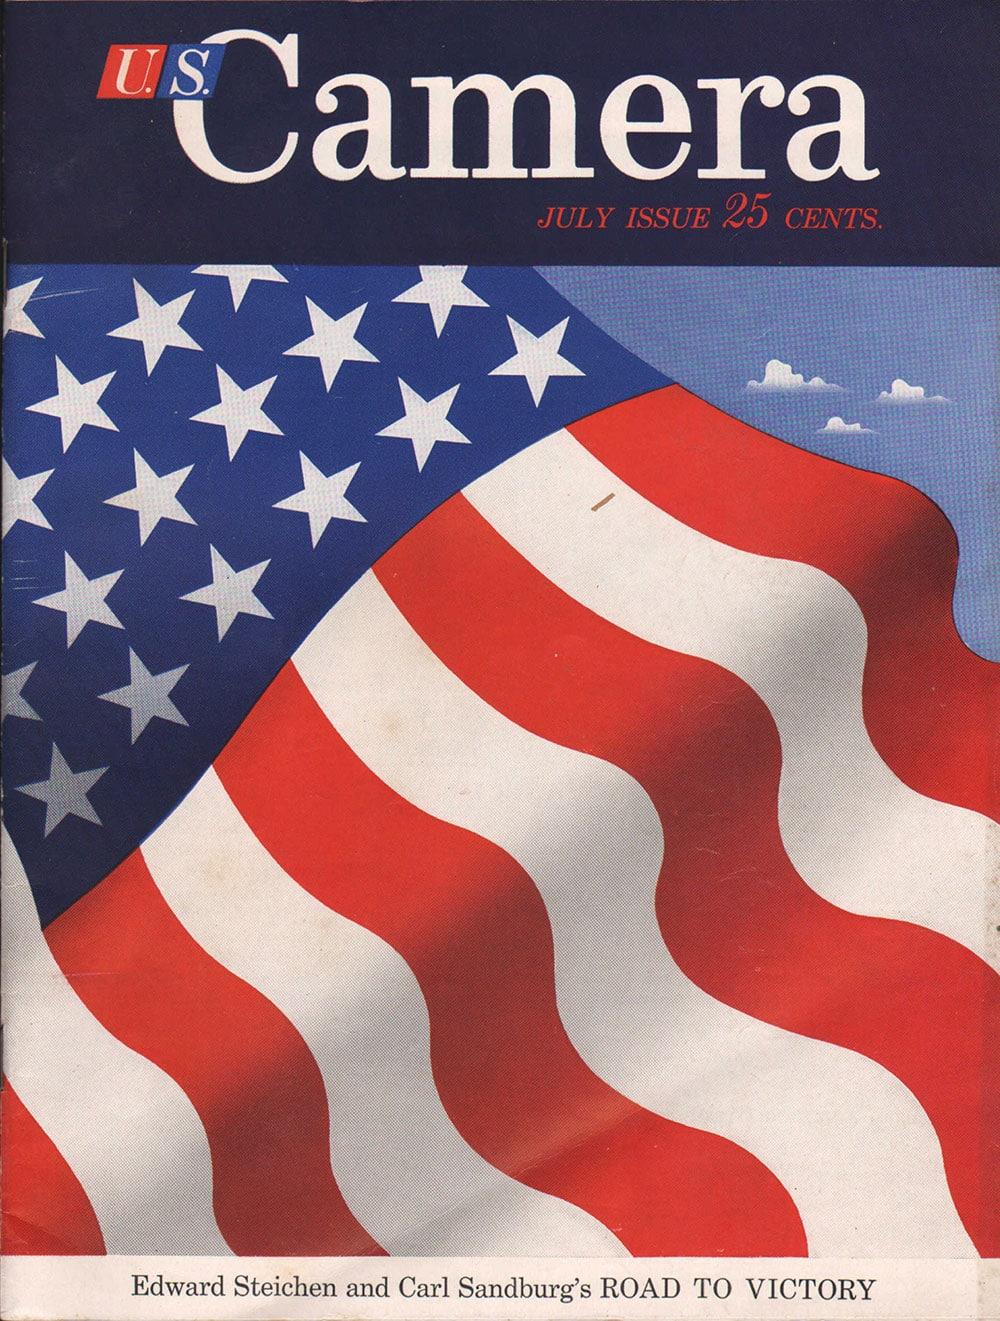 U.S. Camera